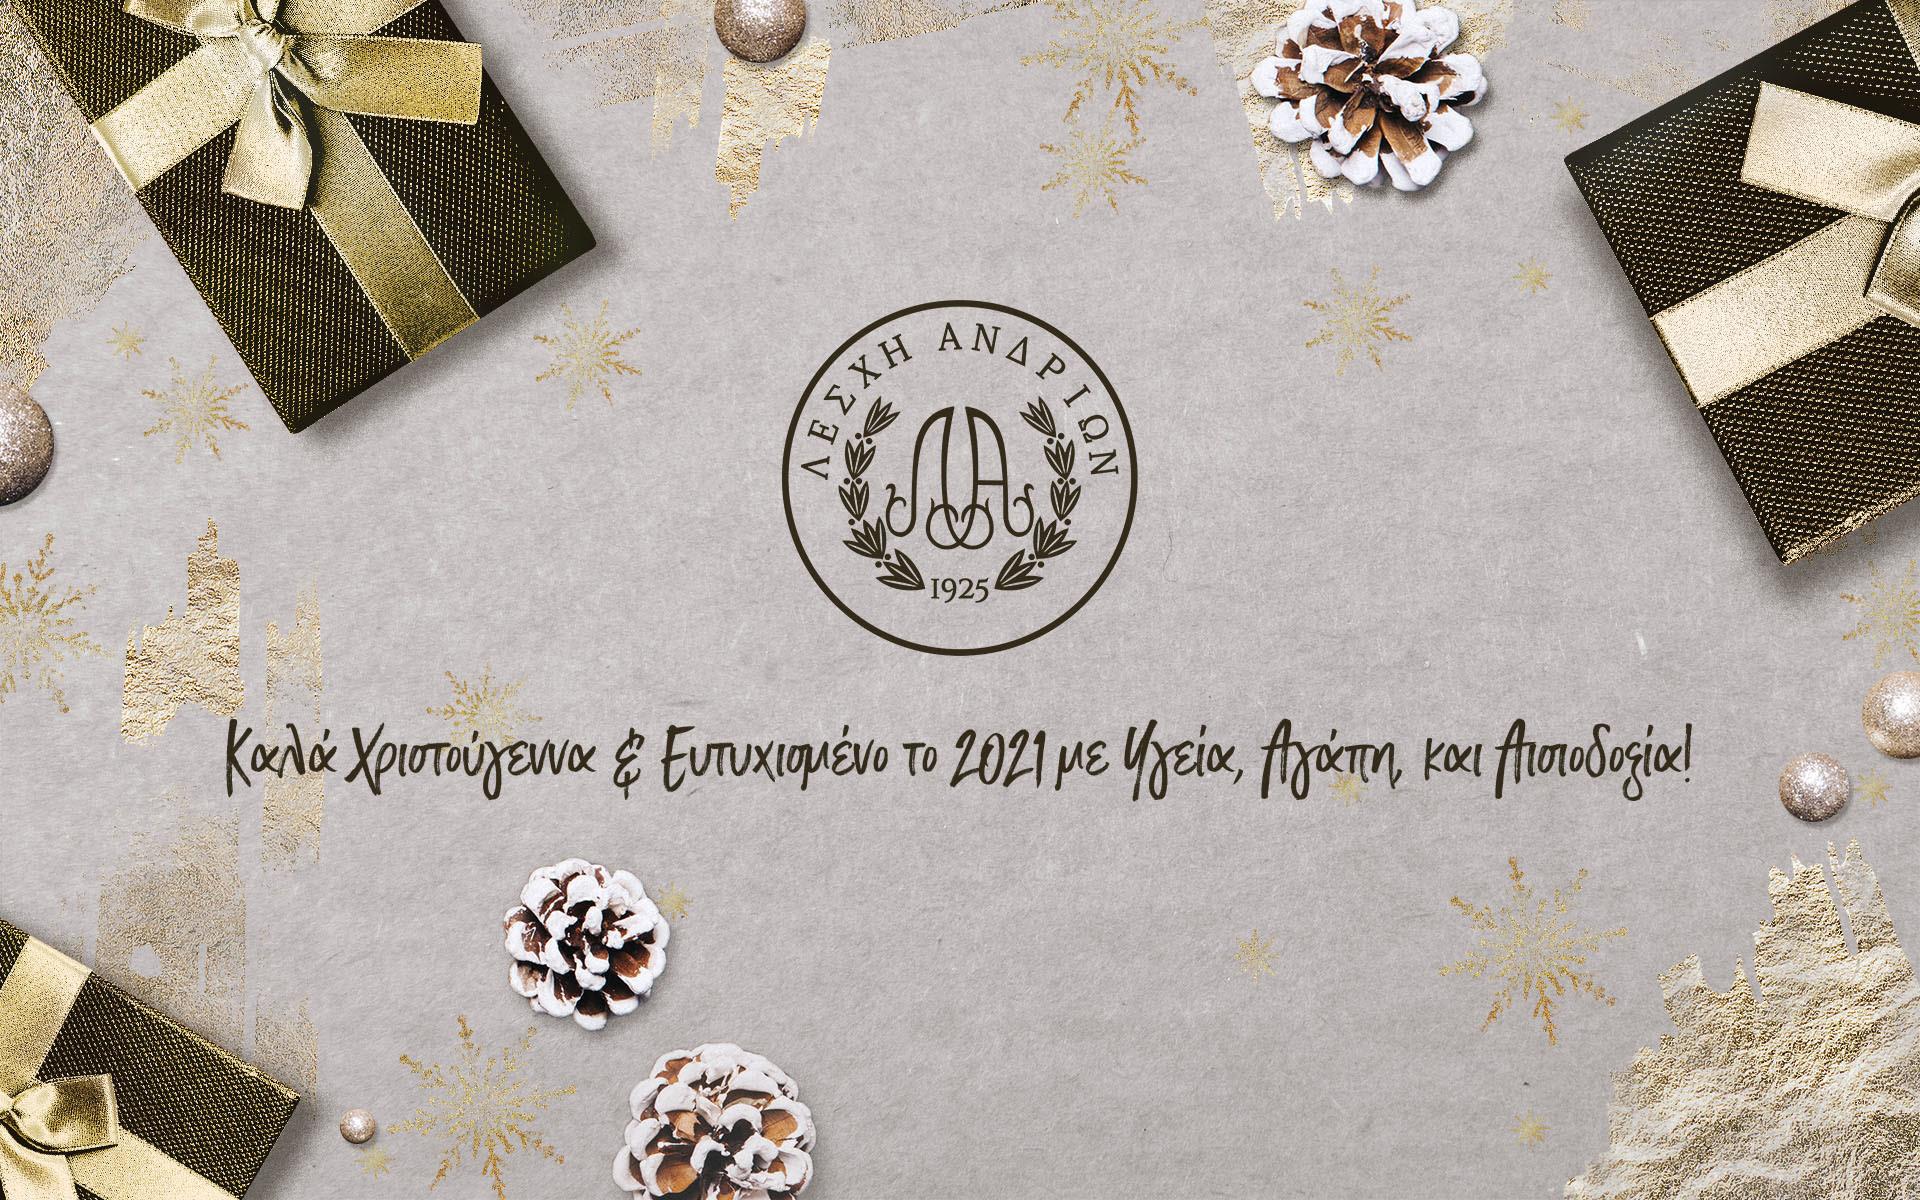 Χριστουγεννιάτικες ευχές Λέσχης Ανδρίων